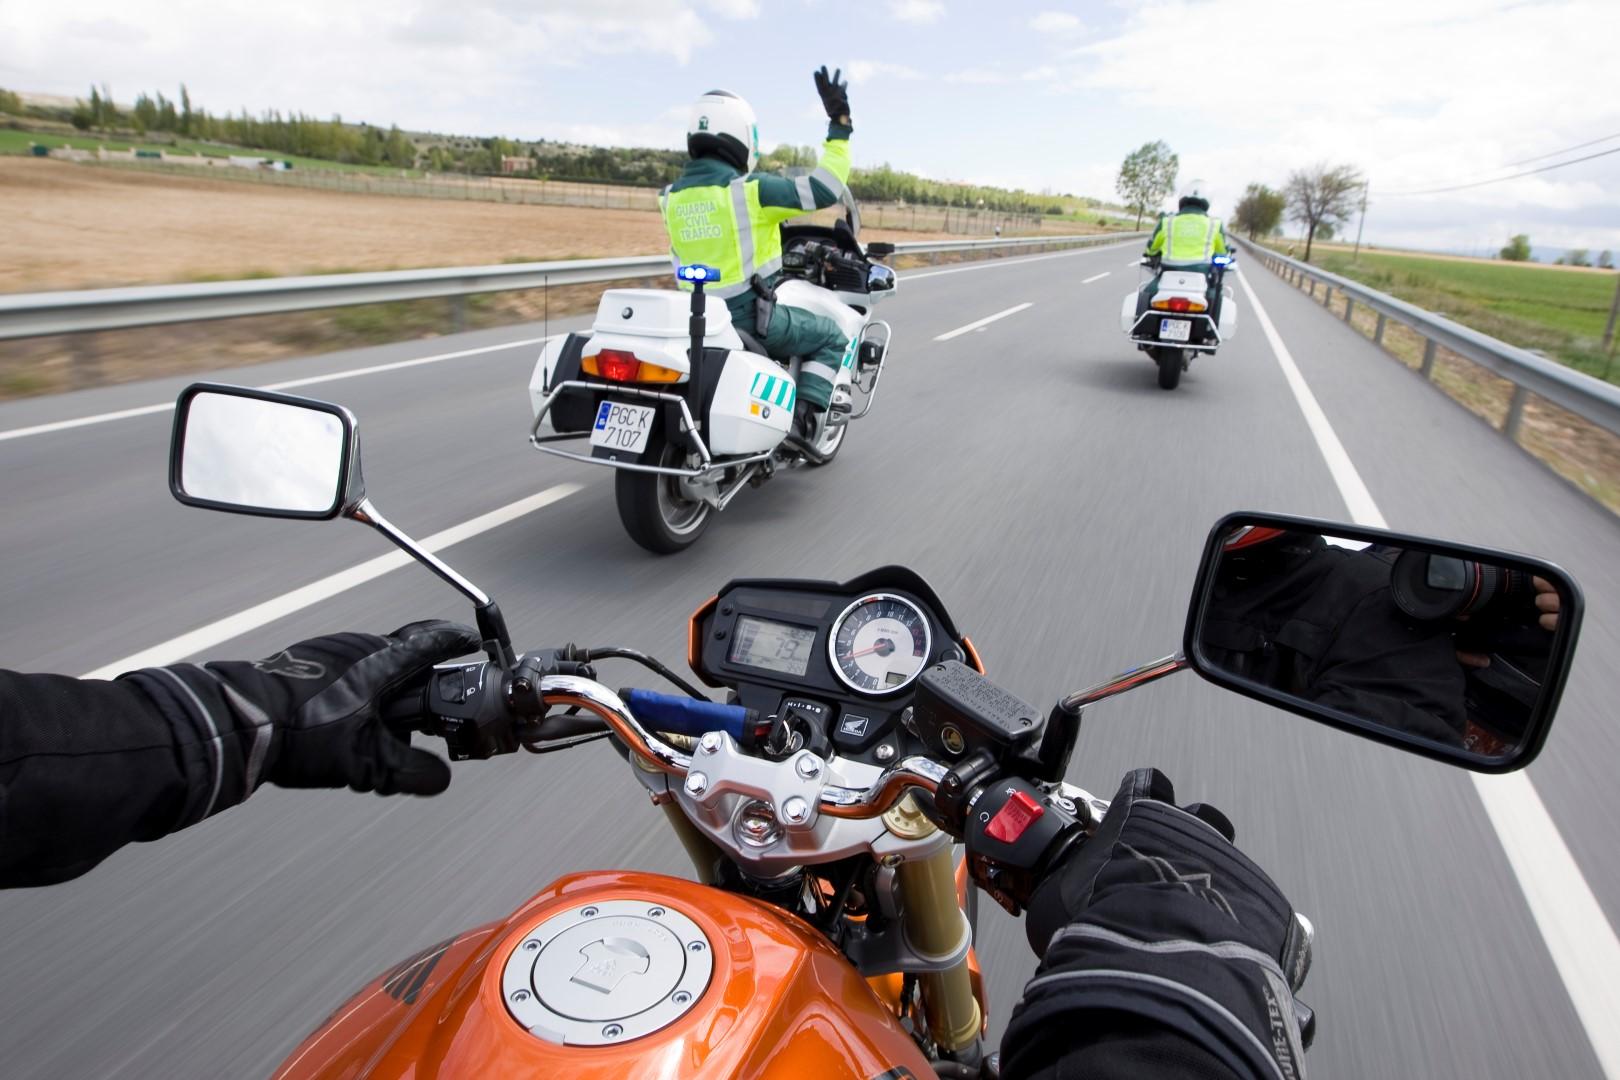 La DGT aumenta en un 6,11% su recaudación por multas de tráfico